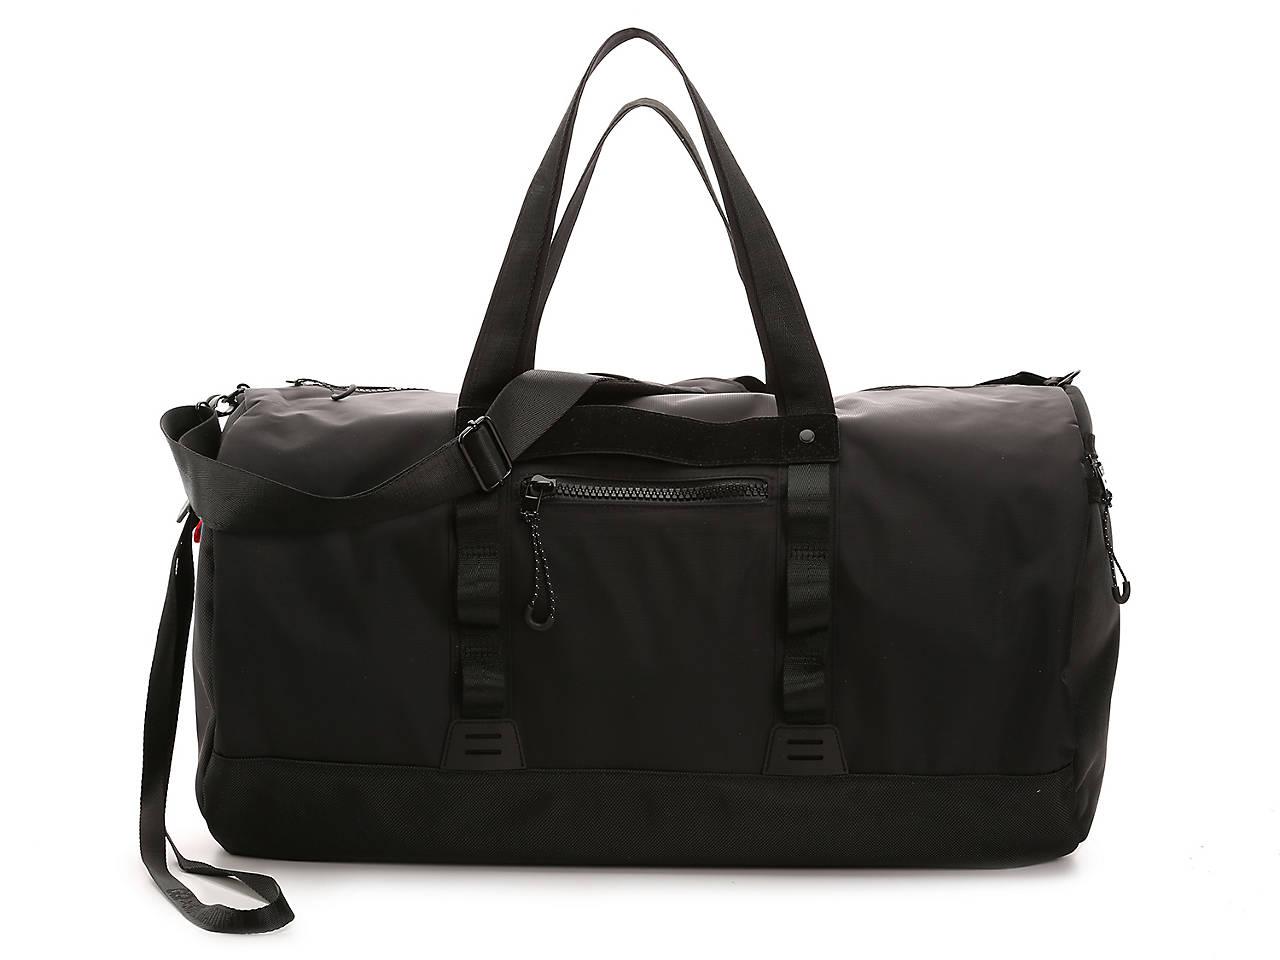 8551b6d5103 Steve Madden Nylon Gym Bag Men's Handbags & Accessories | DSW